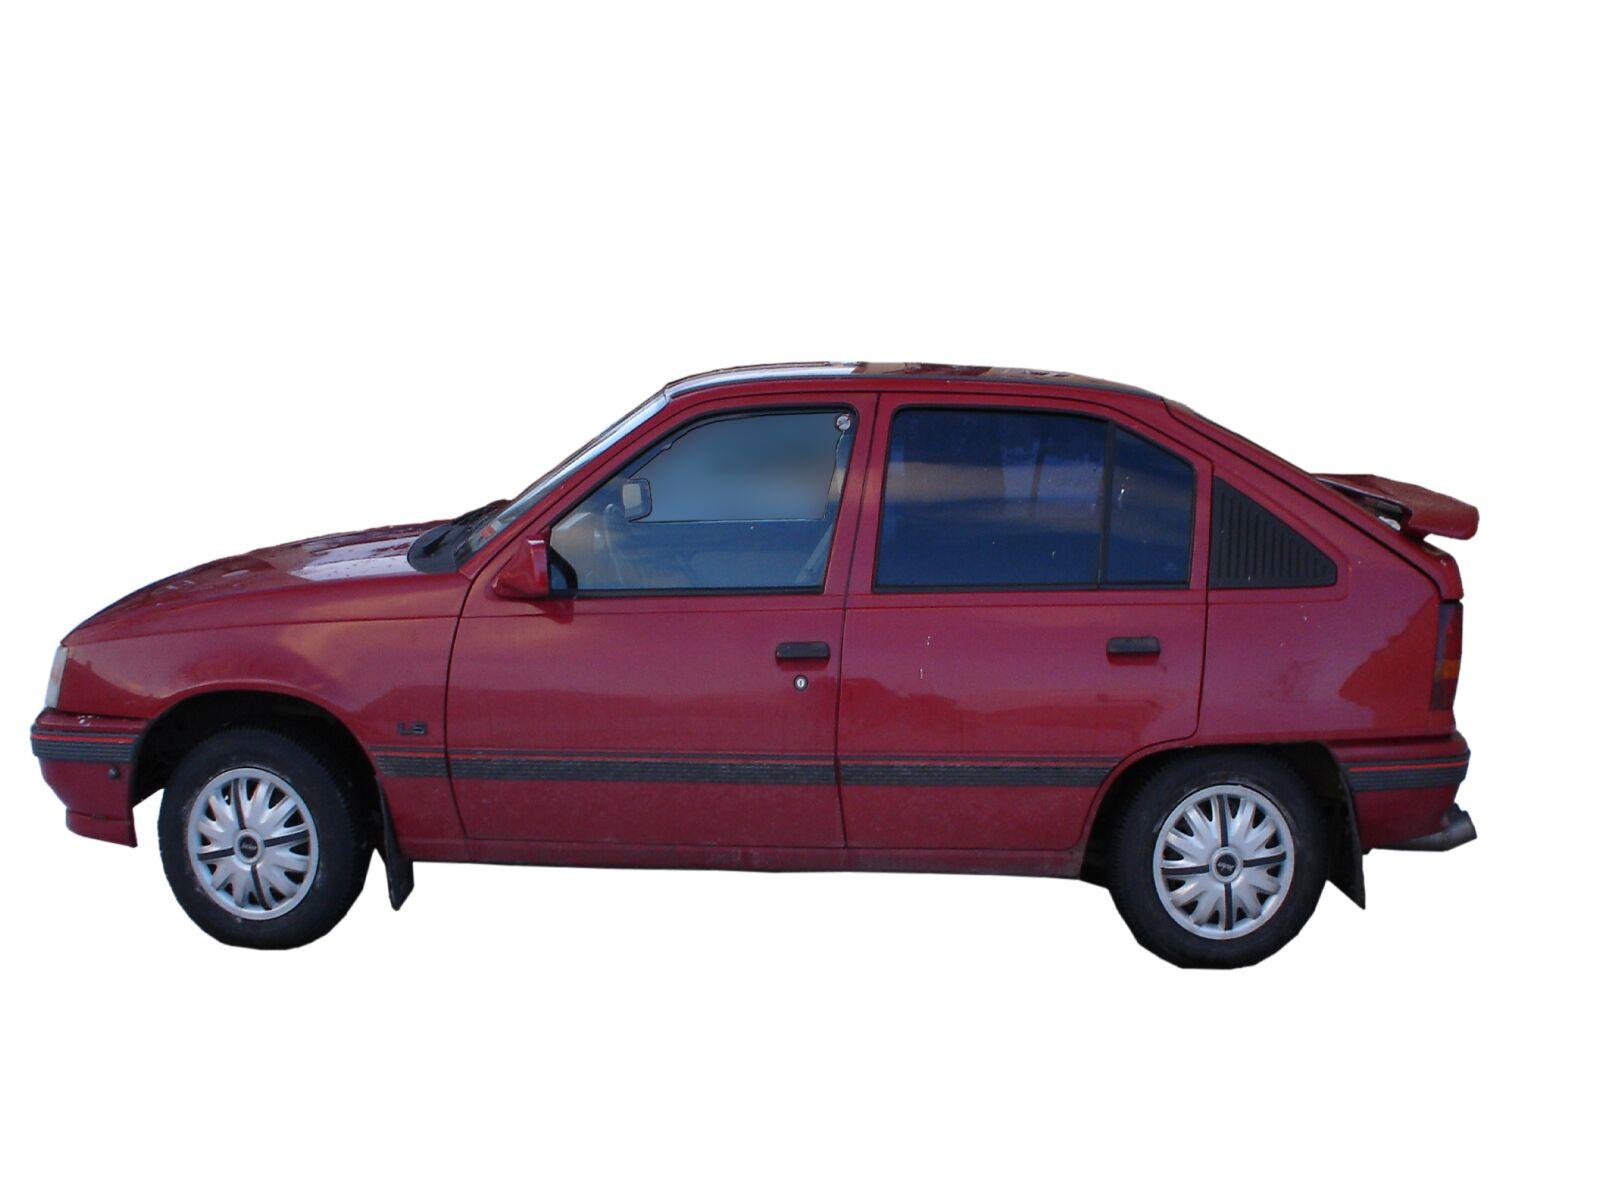 opel, auto, old